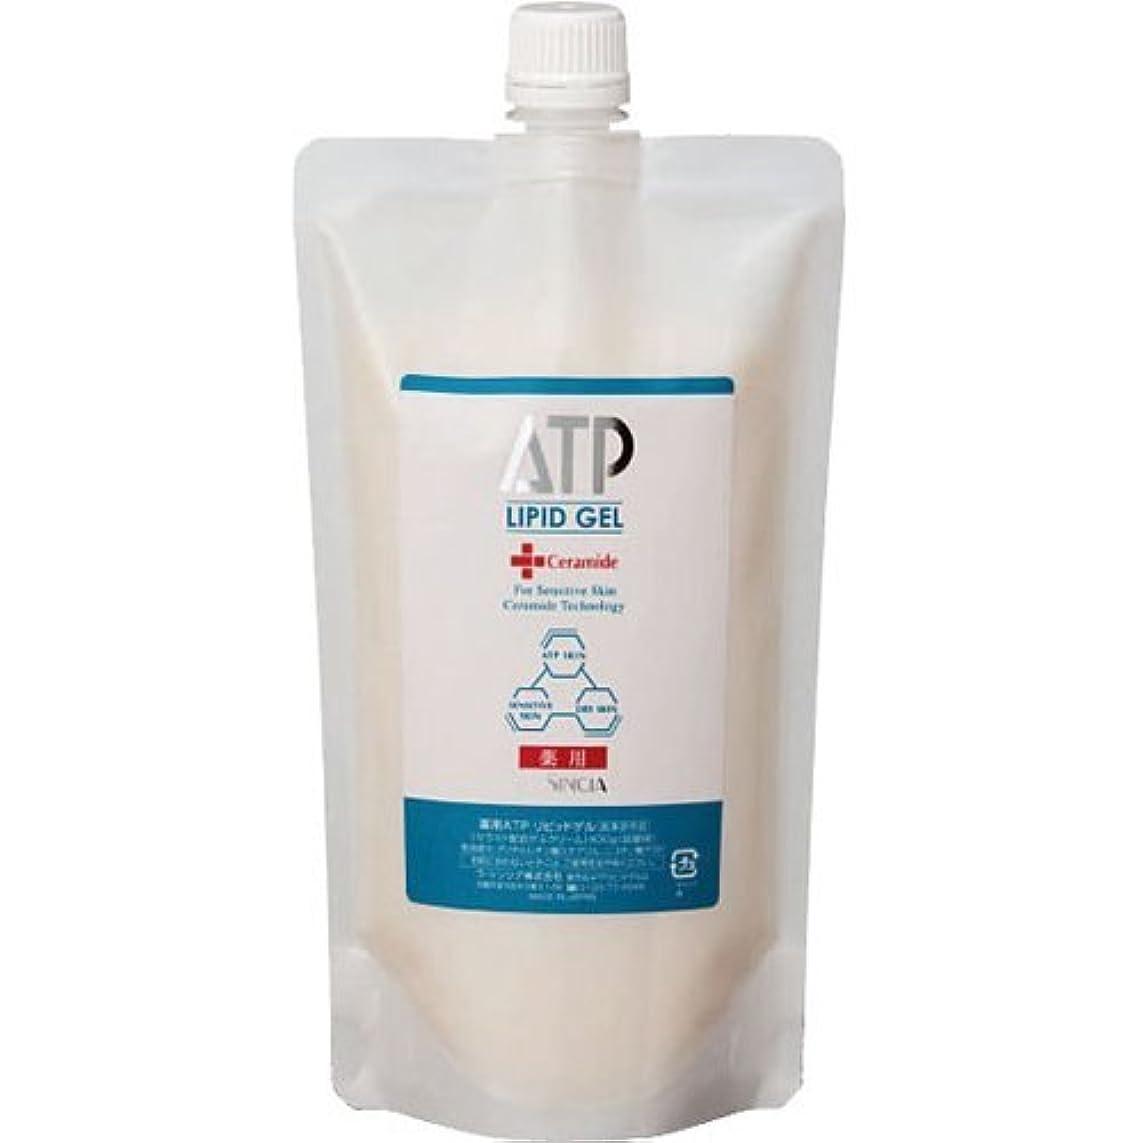 中で参照する動くラシンシア 薬用ATPリピッドゲル 400g(詰替用) 【セラミド配合ゲルクリーム】